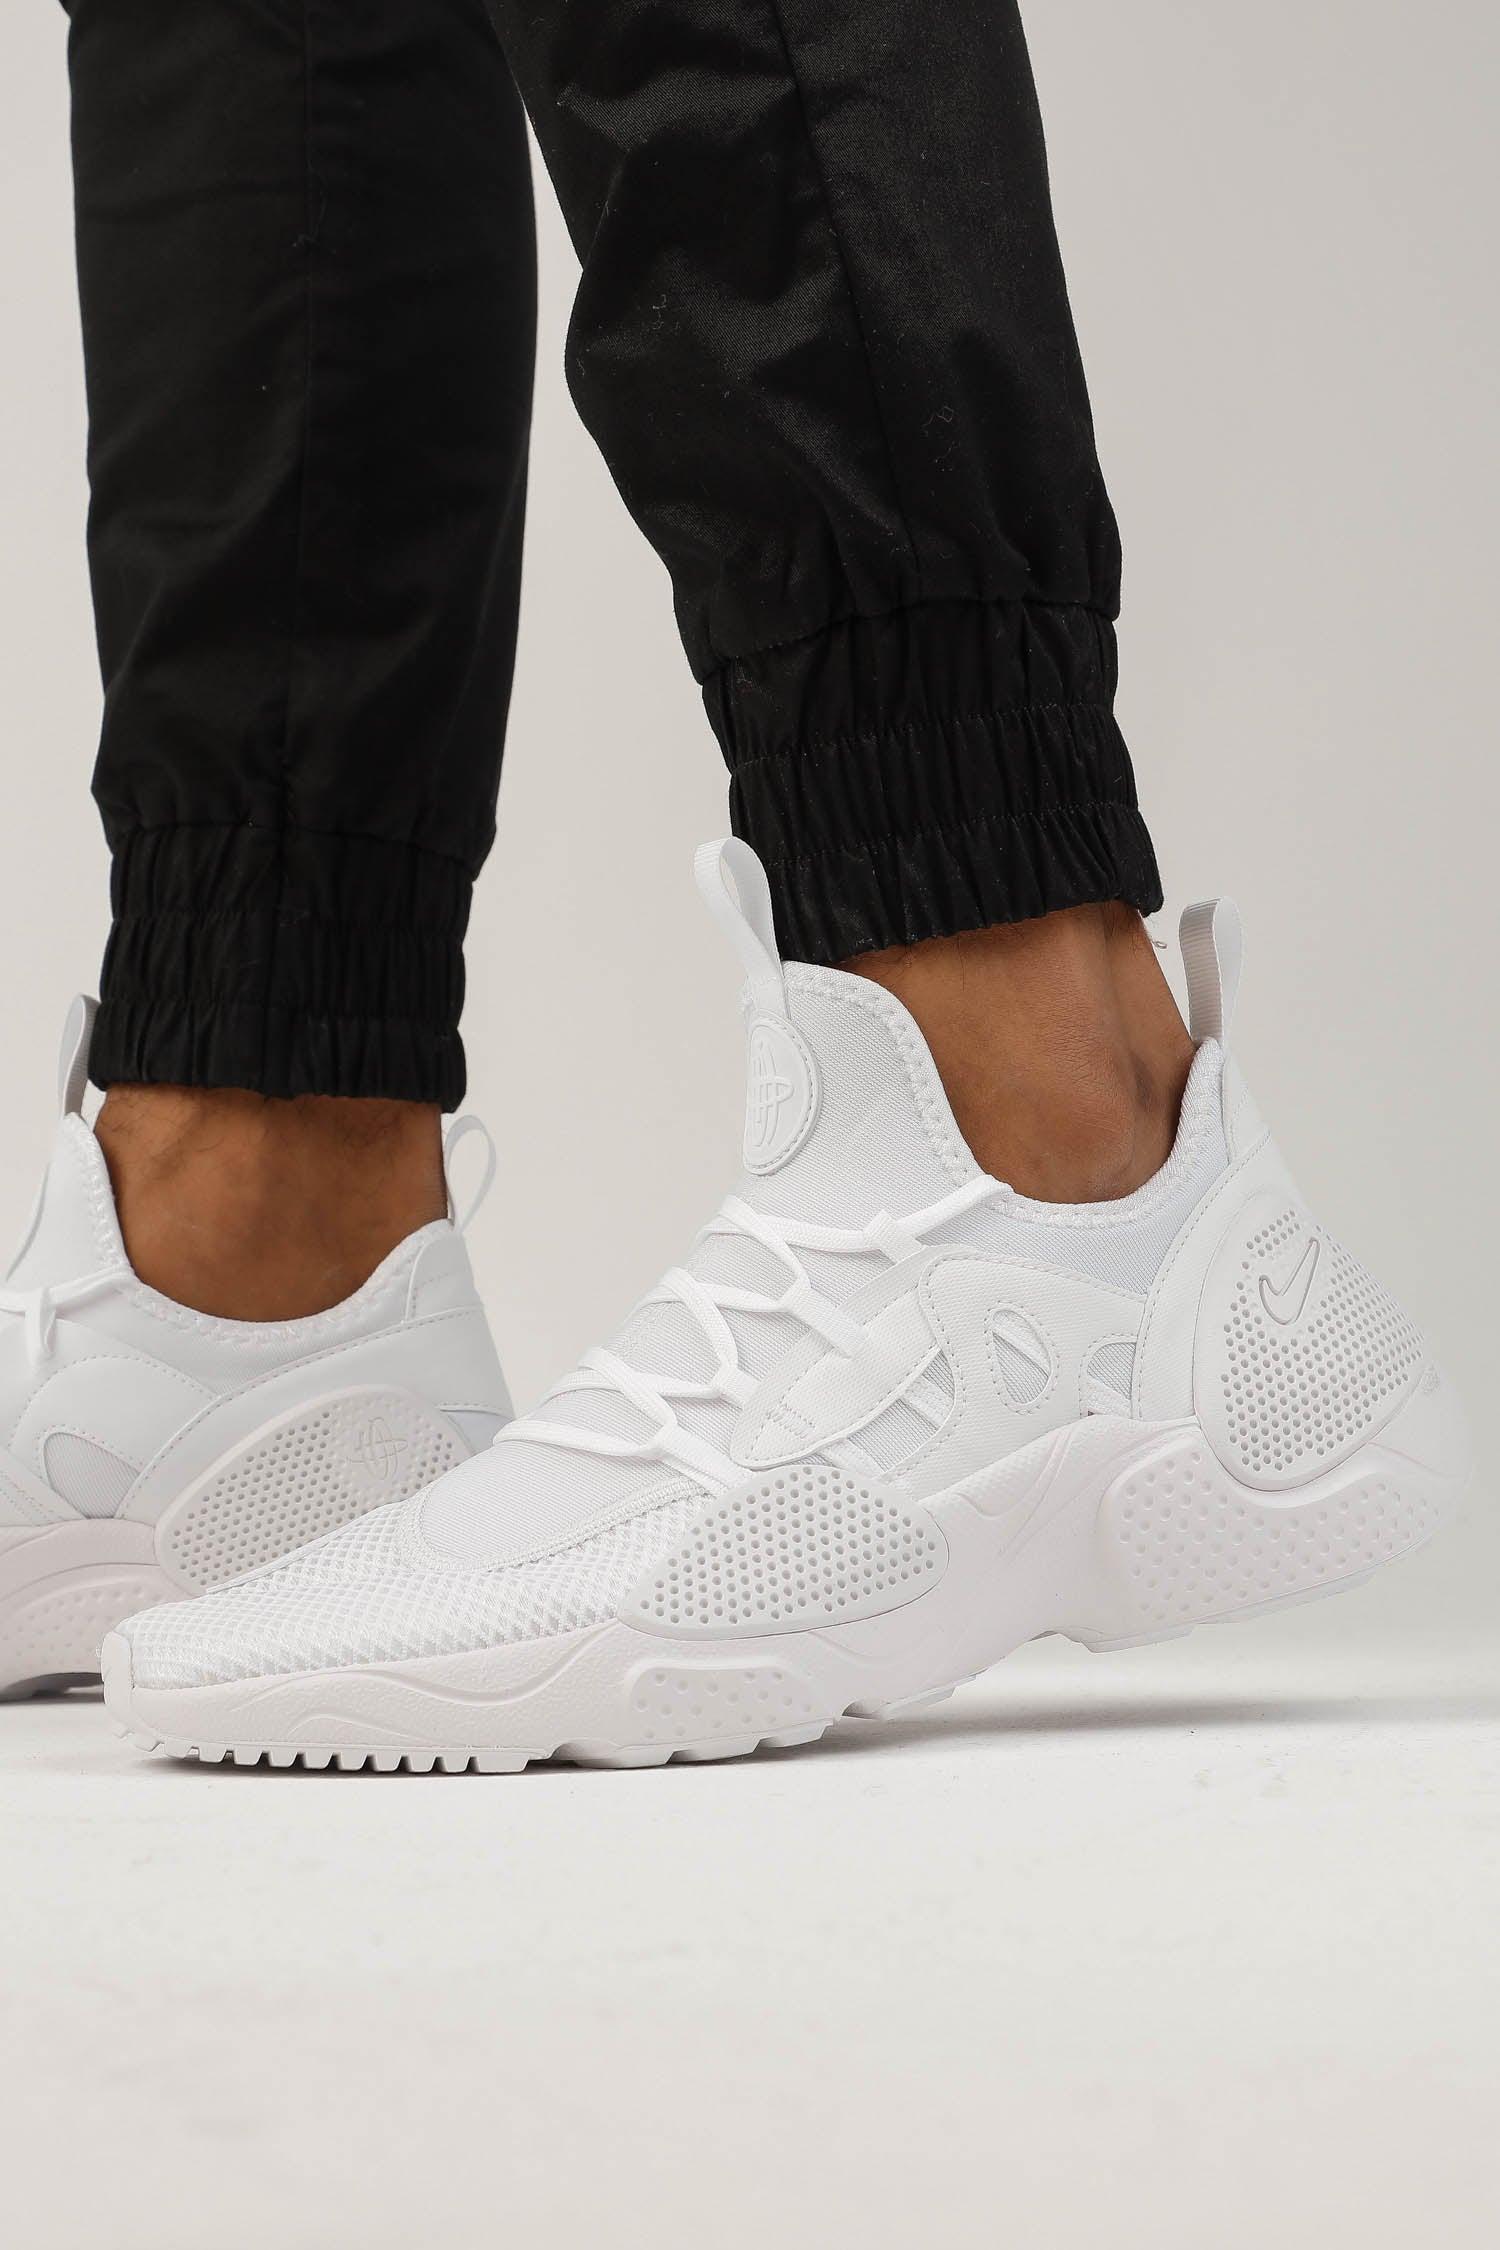 Nike Huarache E.D.G.E Txt White/White